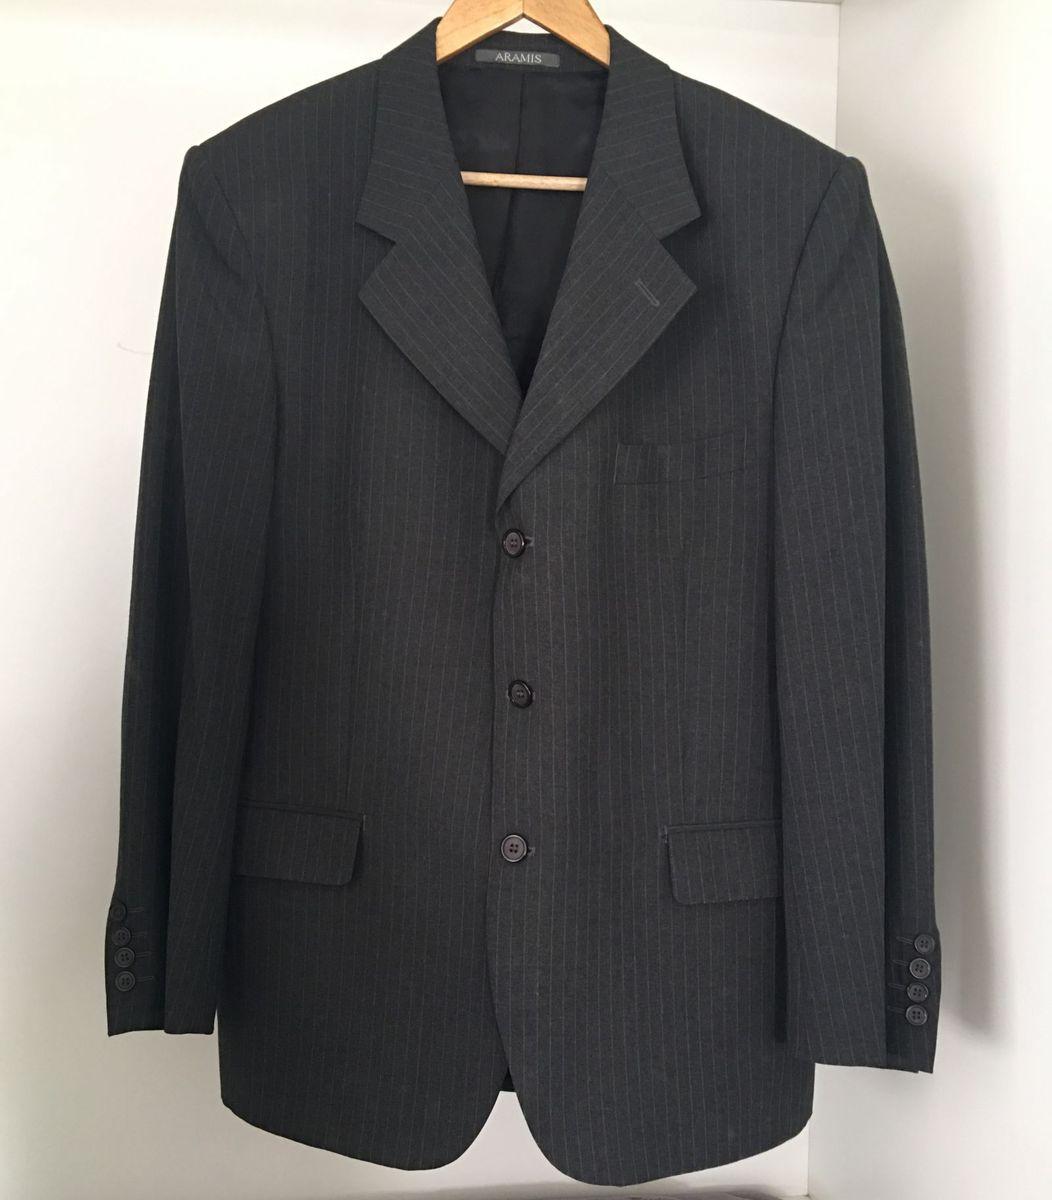 terno completo aramis - blazer aramis.  Czm6ly9wag90b3muzw5qb2vplmnvbs5ici9wcm9kdwn0cy82nti0odg3lzixntu5njy1otq4nza3mty0odgzodiwyje3zdexymnilmpwzw  ... b5216b705b